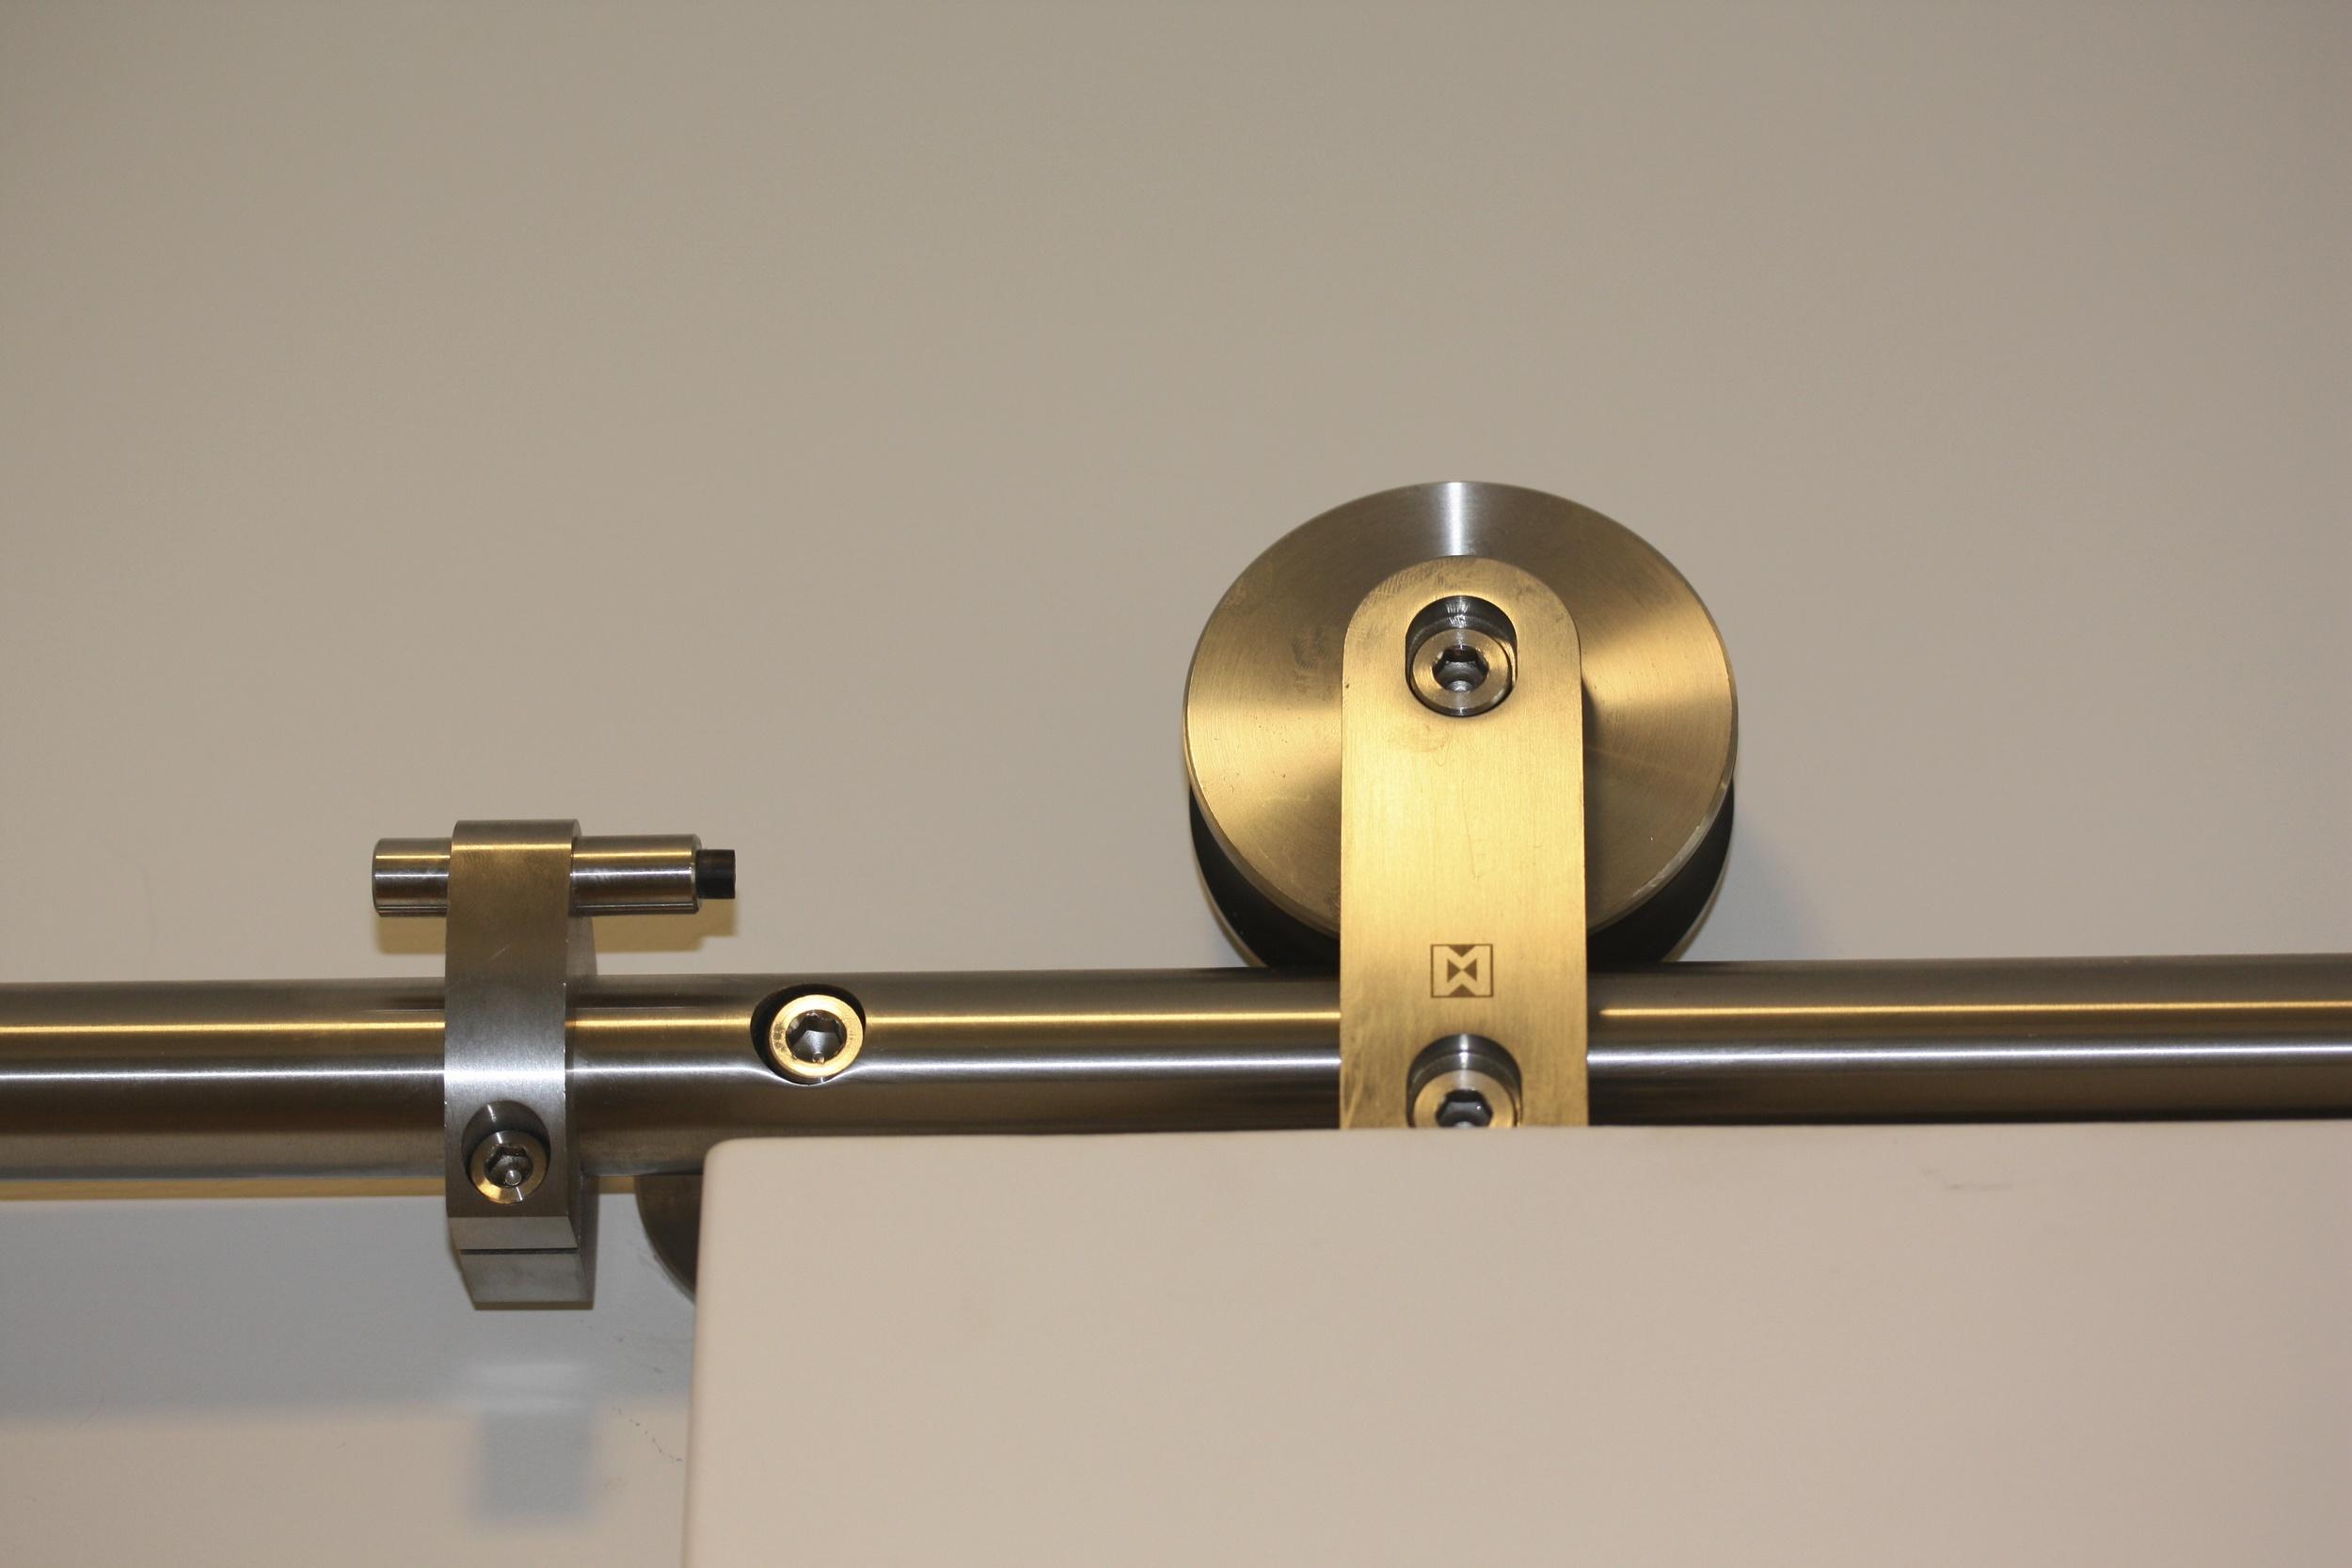 Stainless steel 'barn door' track for sliding bathroom door.